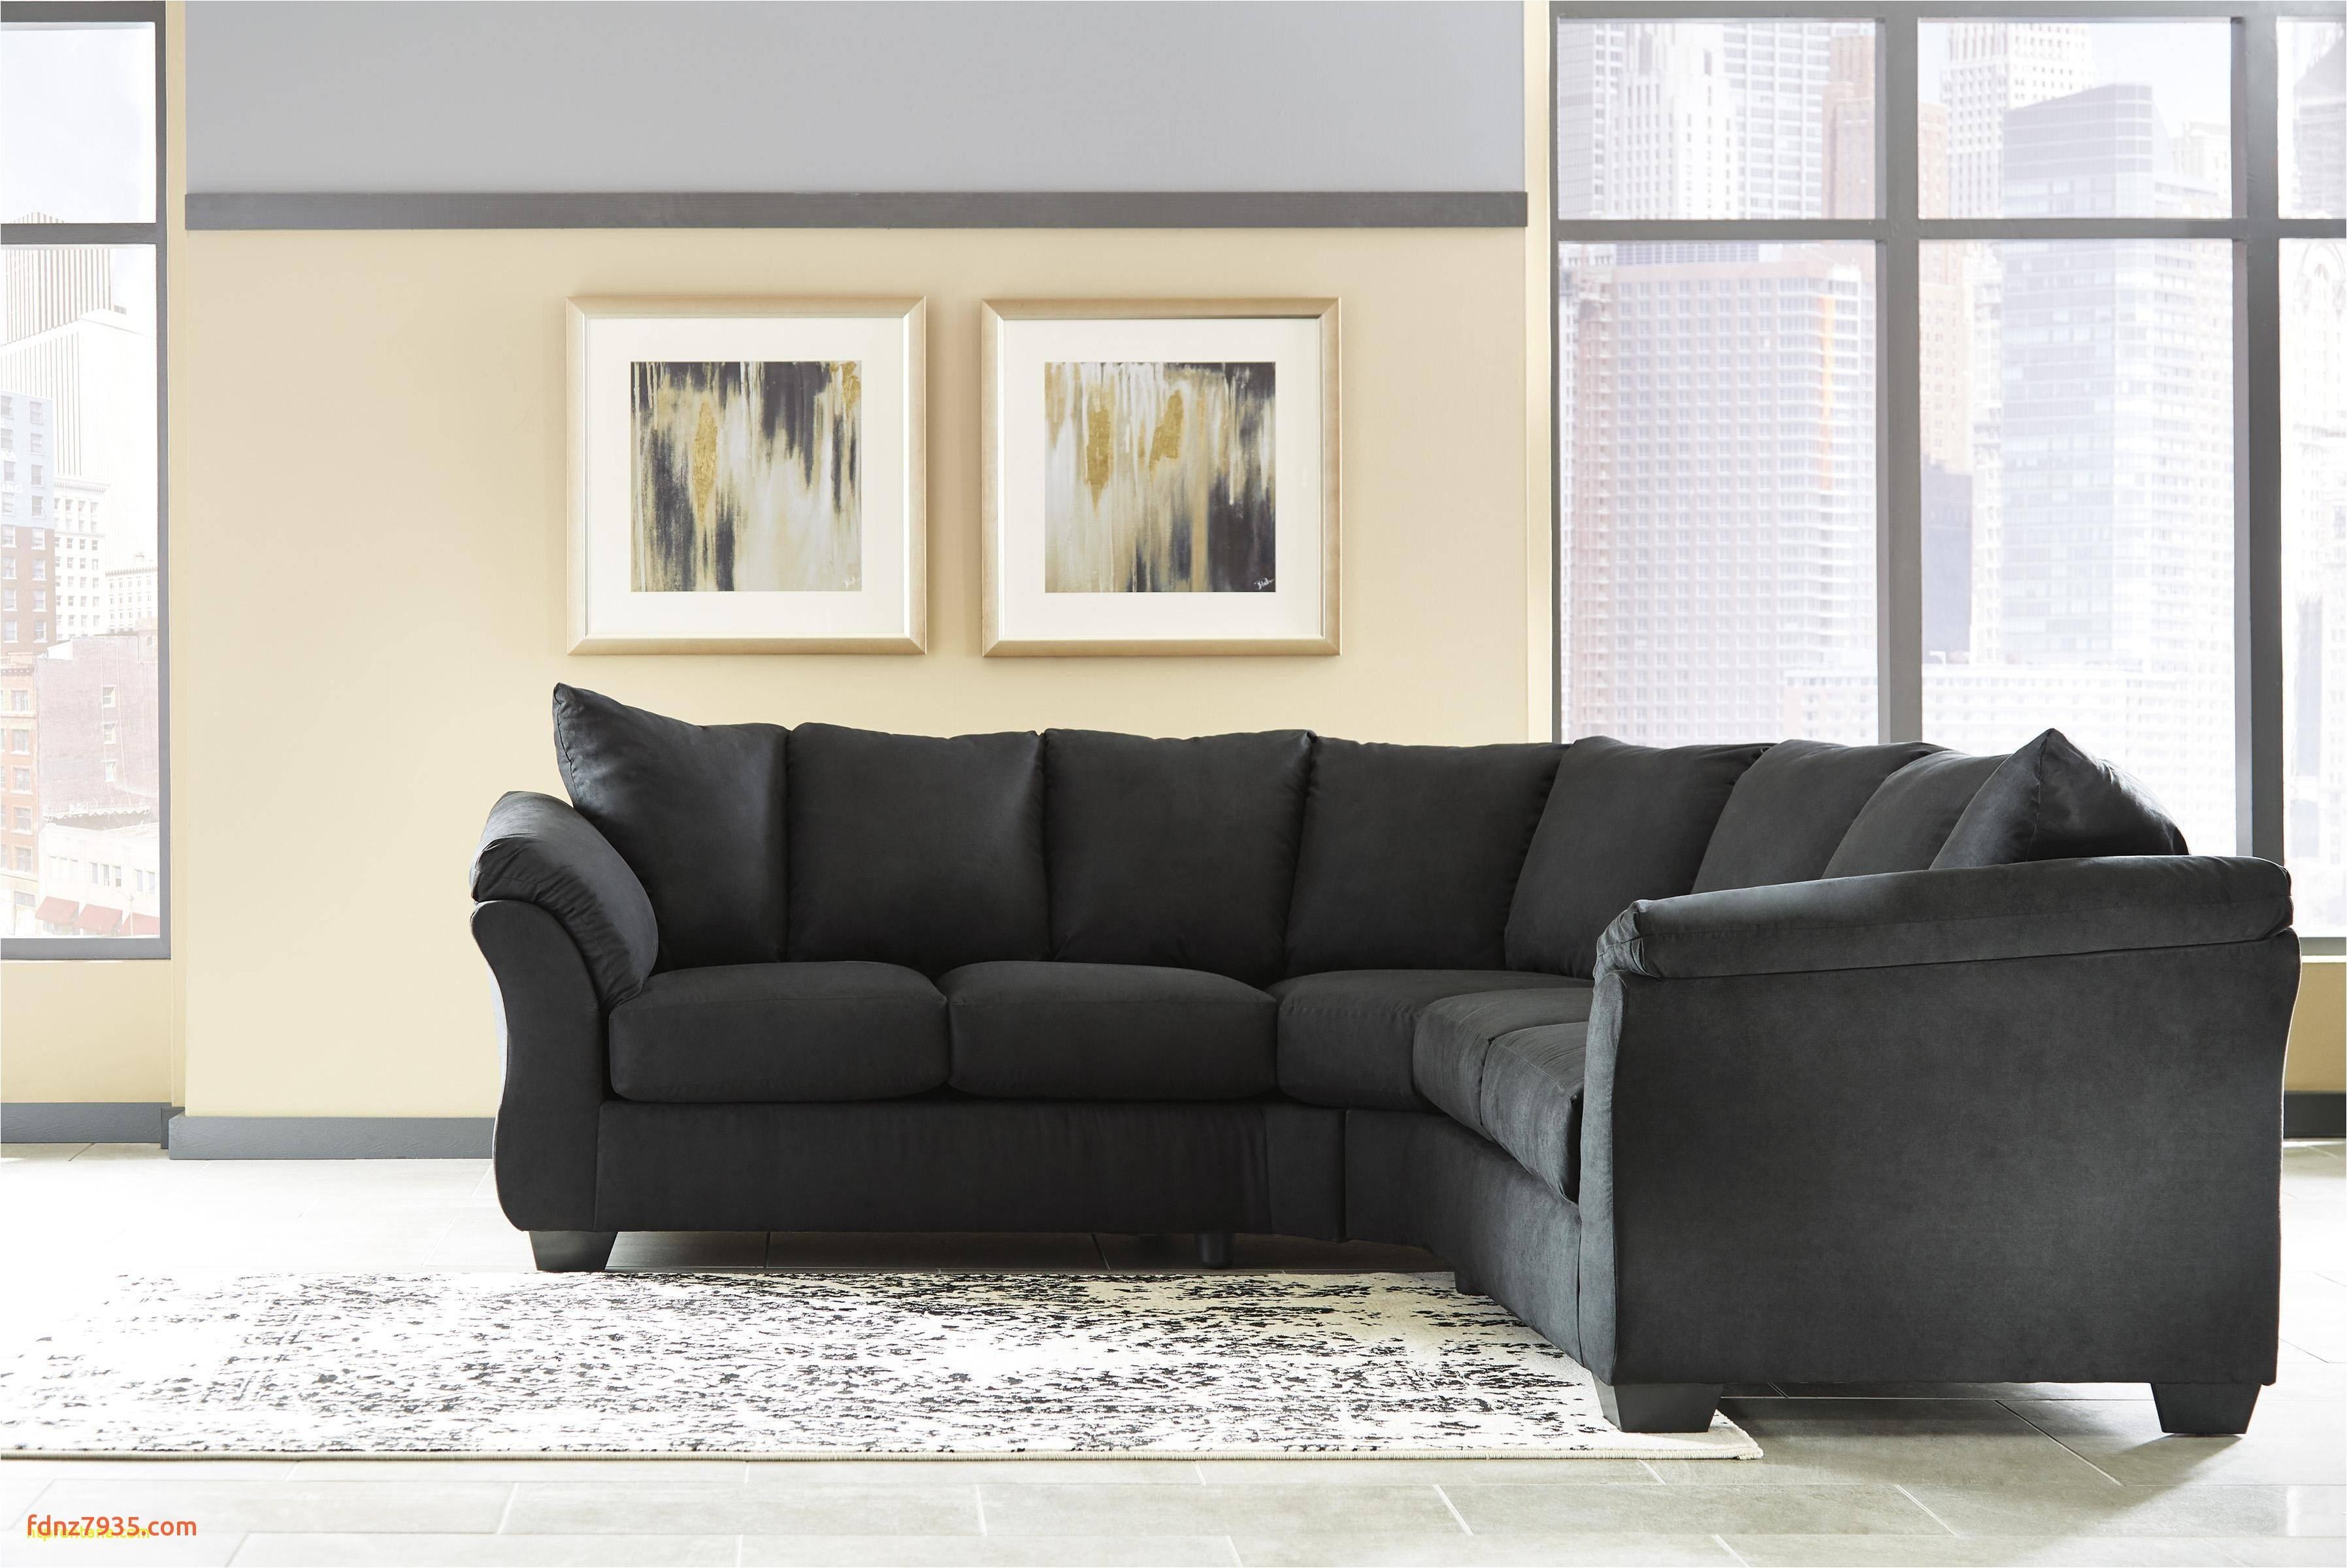 blue leather tufted sofa 16 fabulous grey leather tufted sofa sofa ideas sofa ideas of blue leather tufted sofa